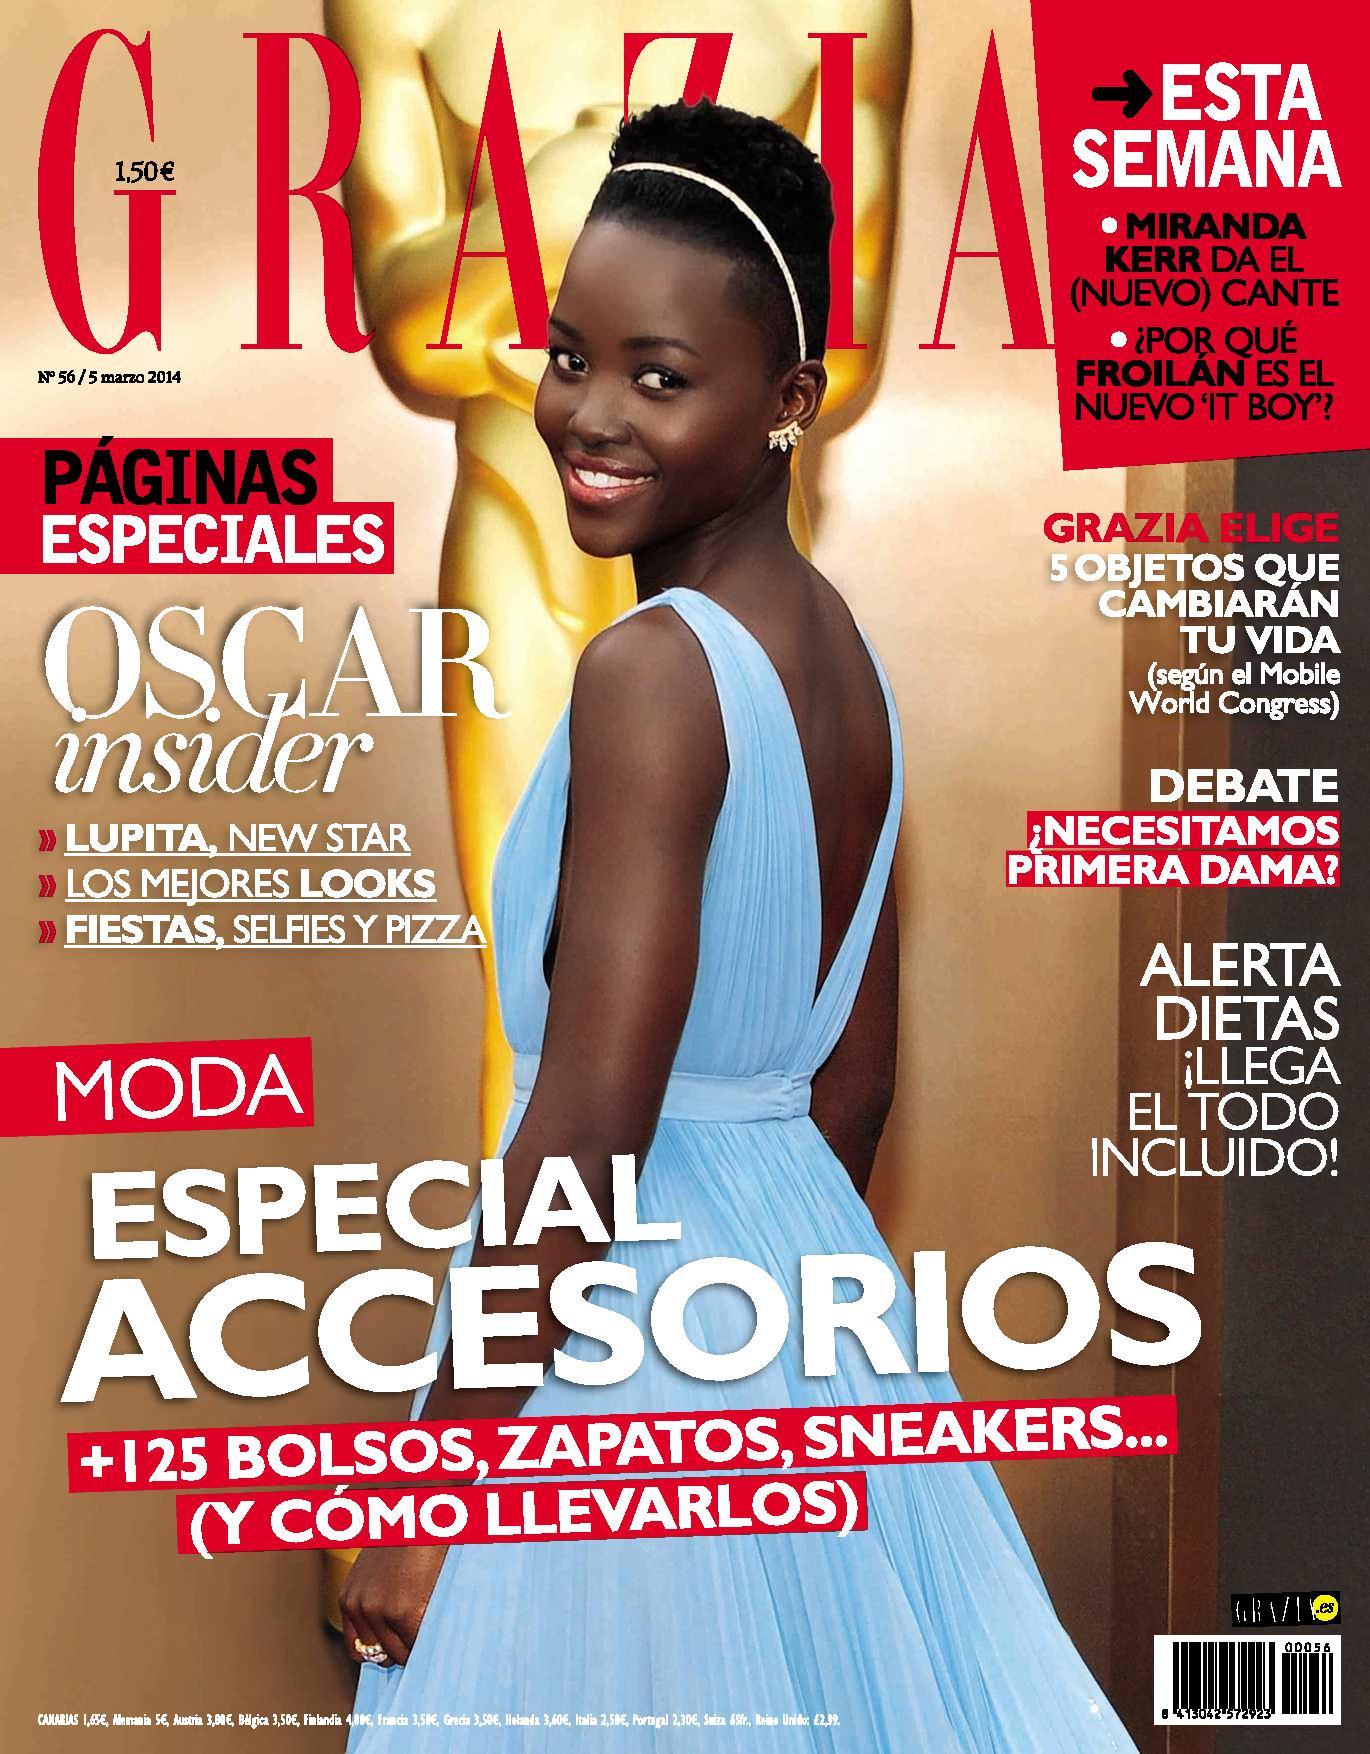 GRAZIA portada 5 de Marzo 2014